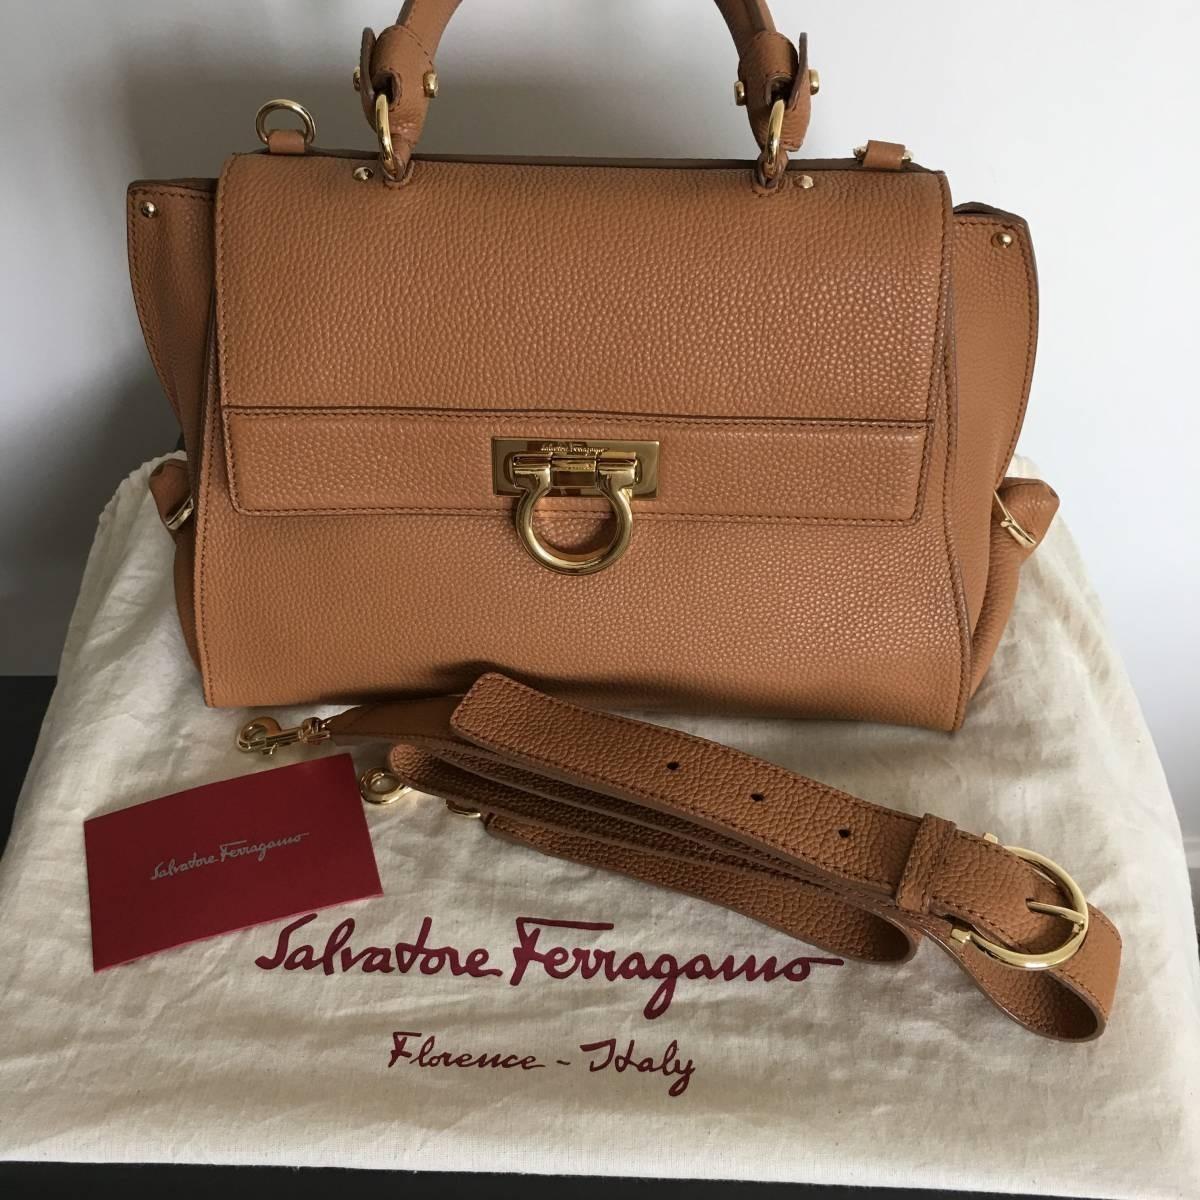 Bolsa Salvatore Ferragamo Modelo Sofia - R  8.500,00 em Mercado Livre db38f091cc